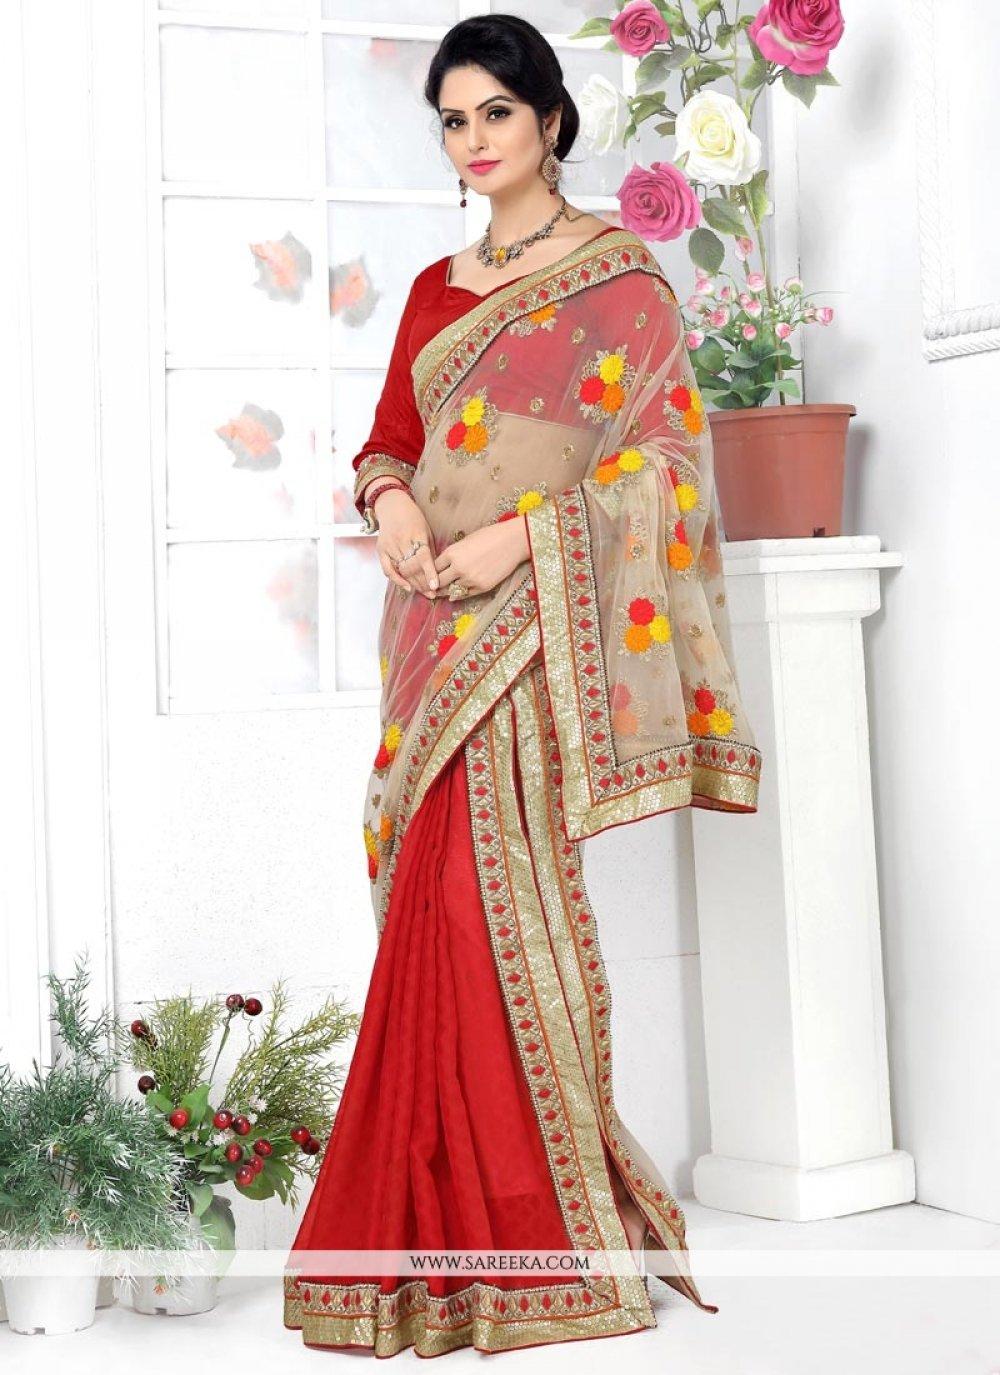 Banarasi Silk Red Patch Border Work Lehenga Saree